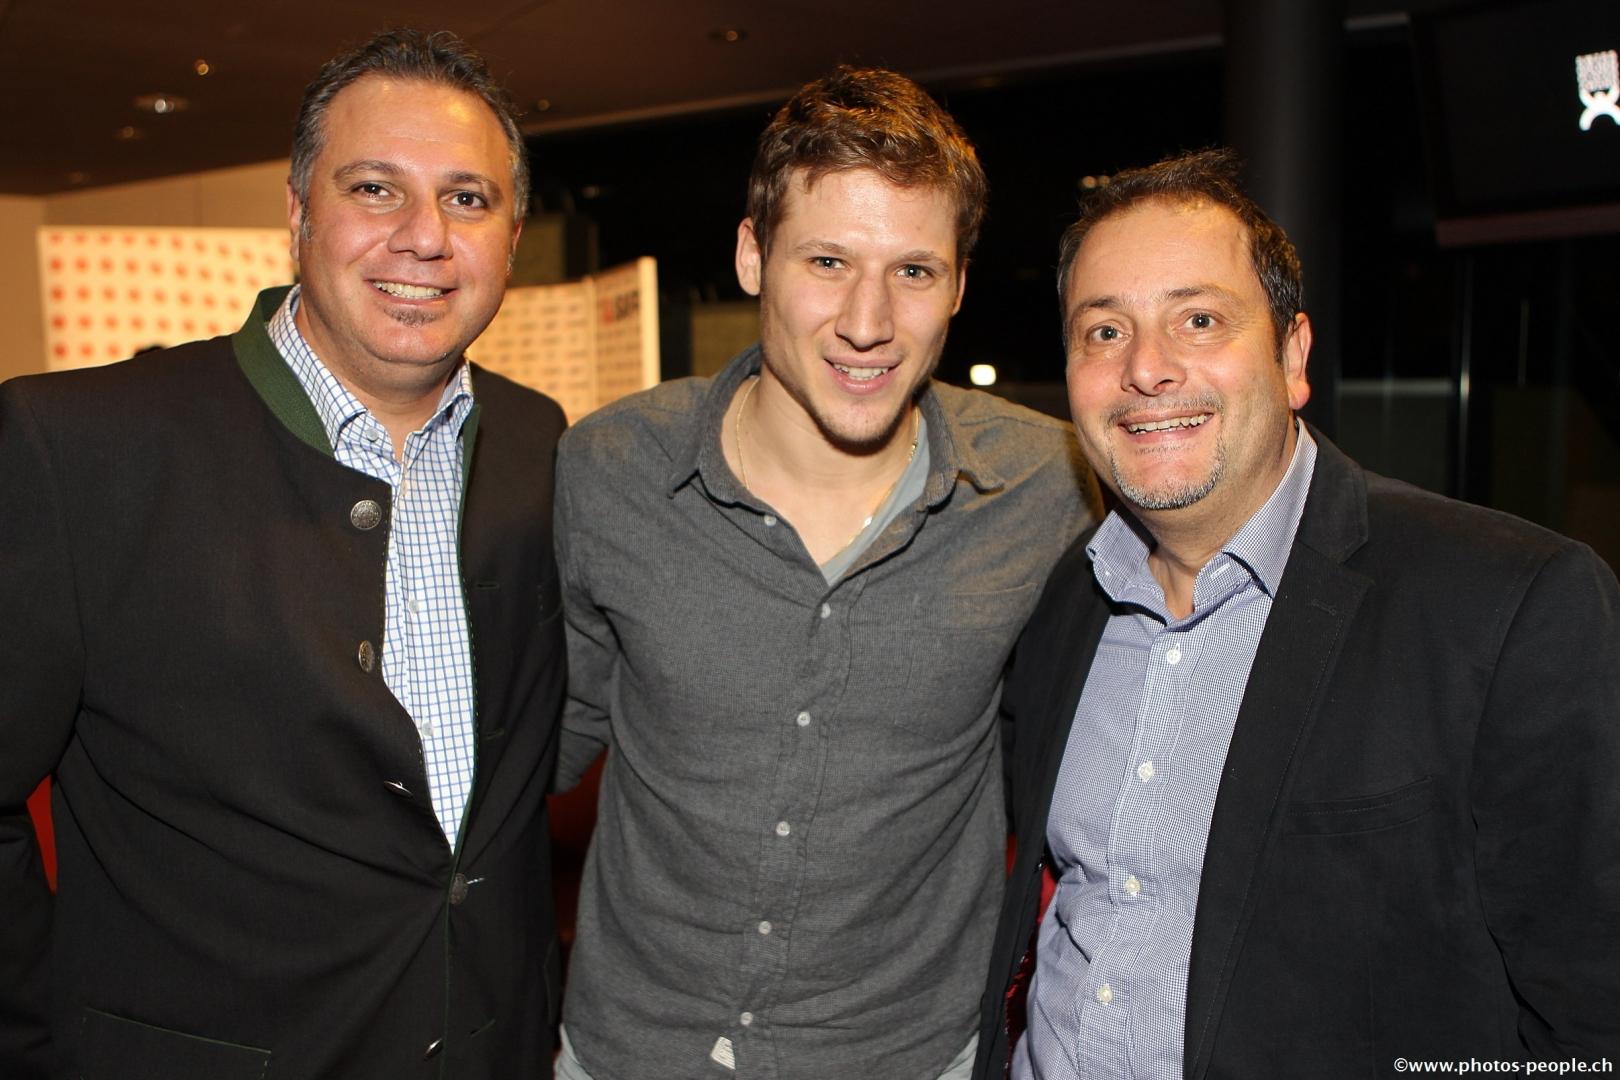 Swiss Golden Player Award 2012